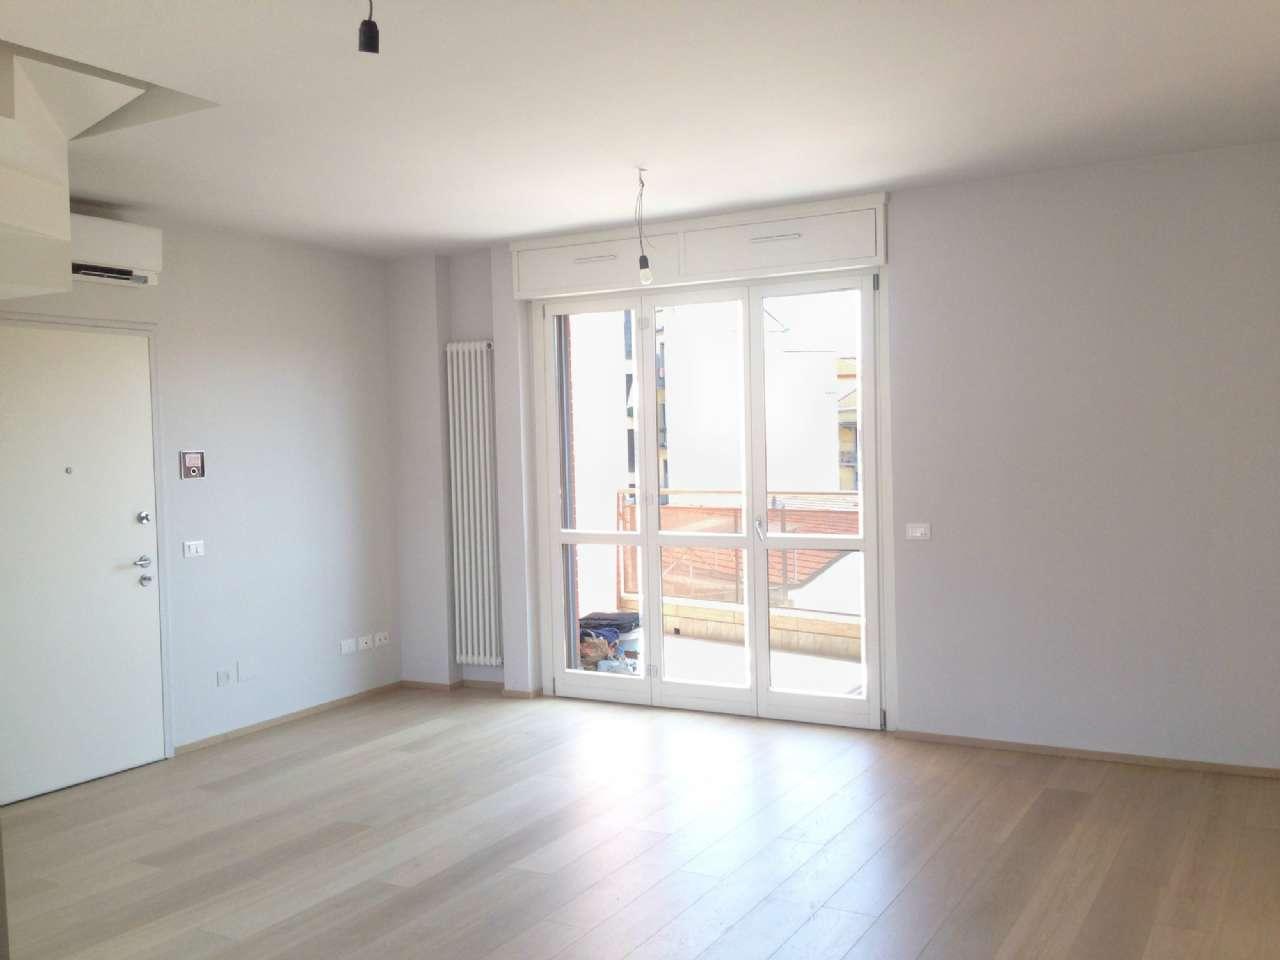 Appartamento in vendita a Milano, 3 locali, zona Zona: 5 . Citta' Studi, Lambrate, Udine, Loreto, Piola, Ortica, prezzo € 580.000   CambioCasa.it